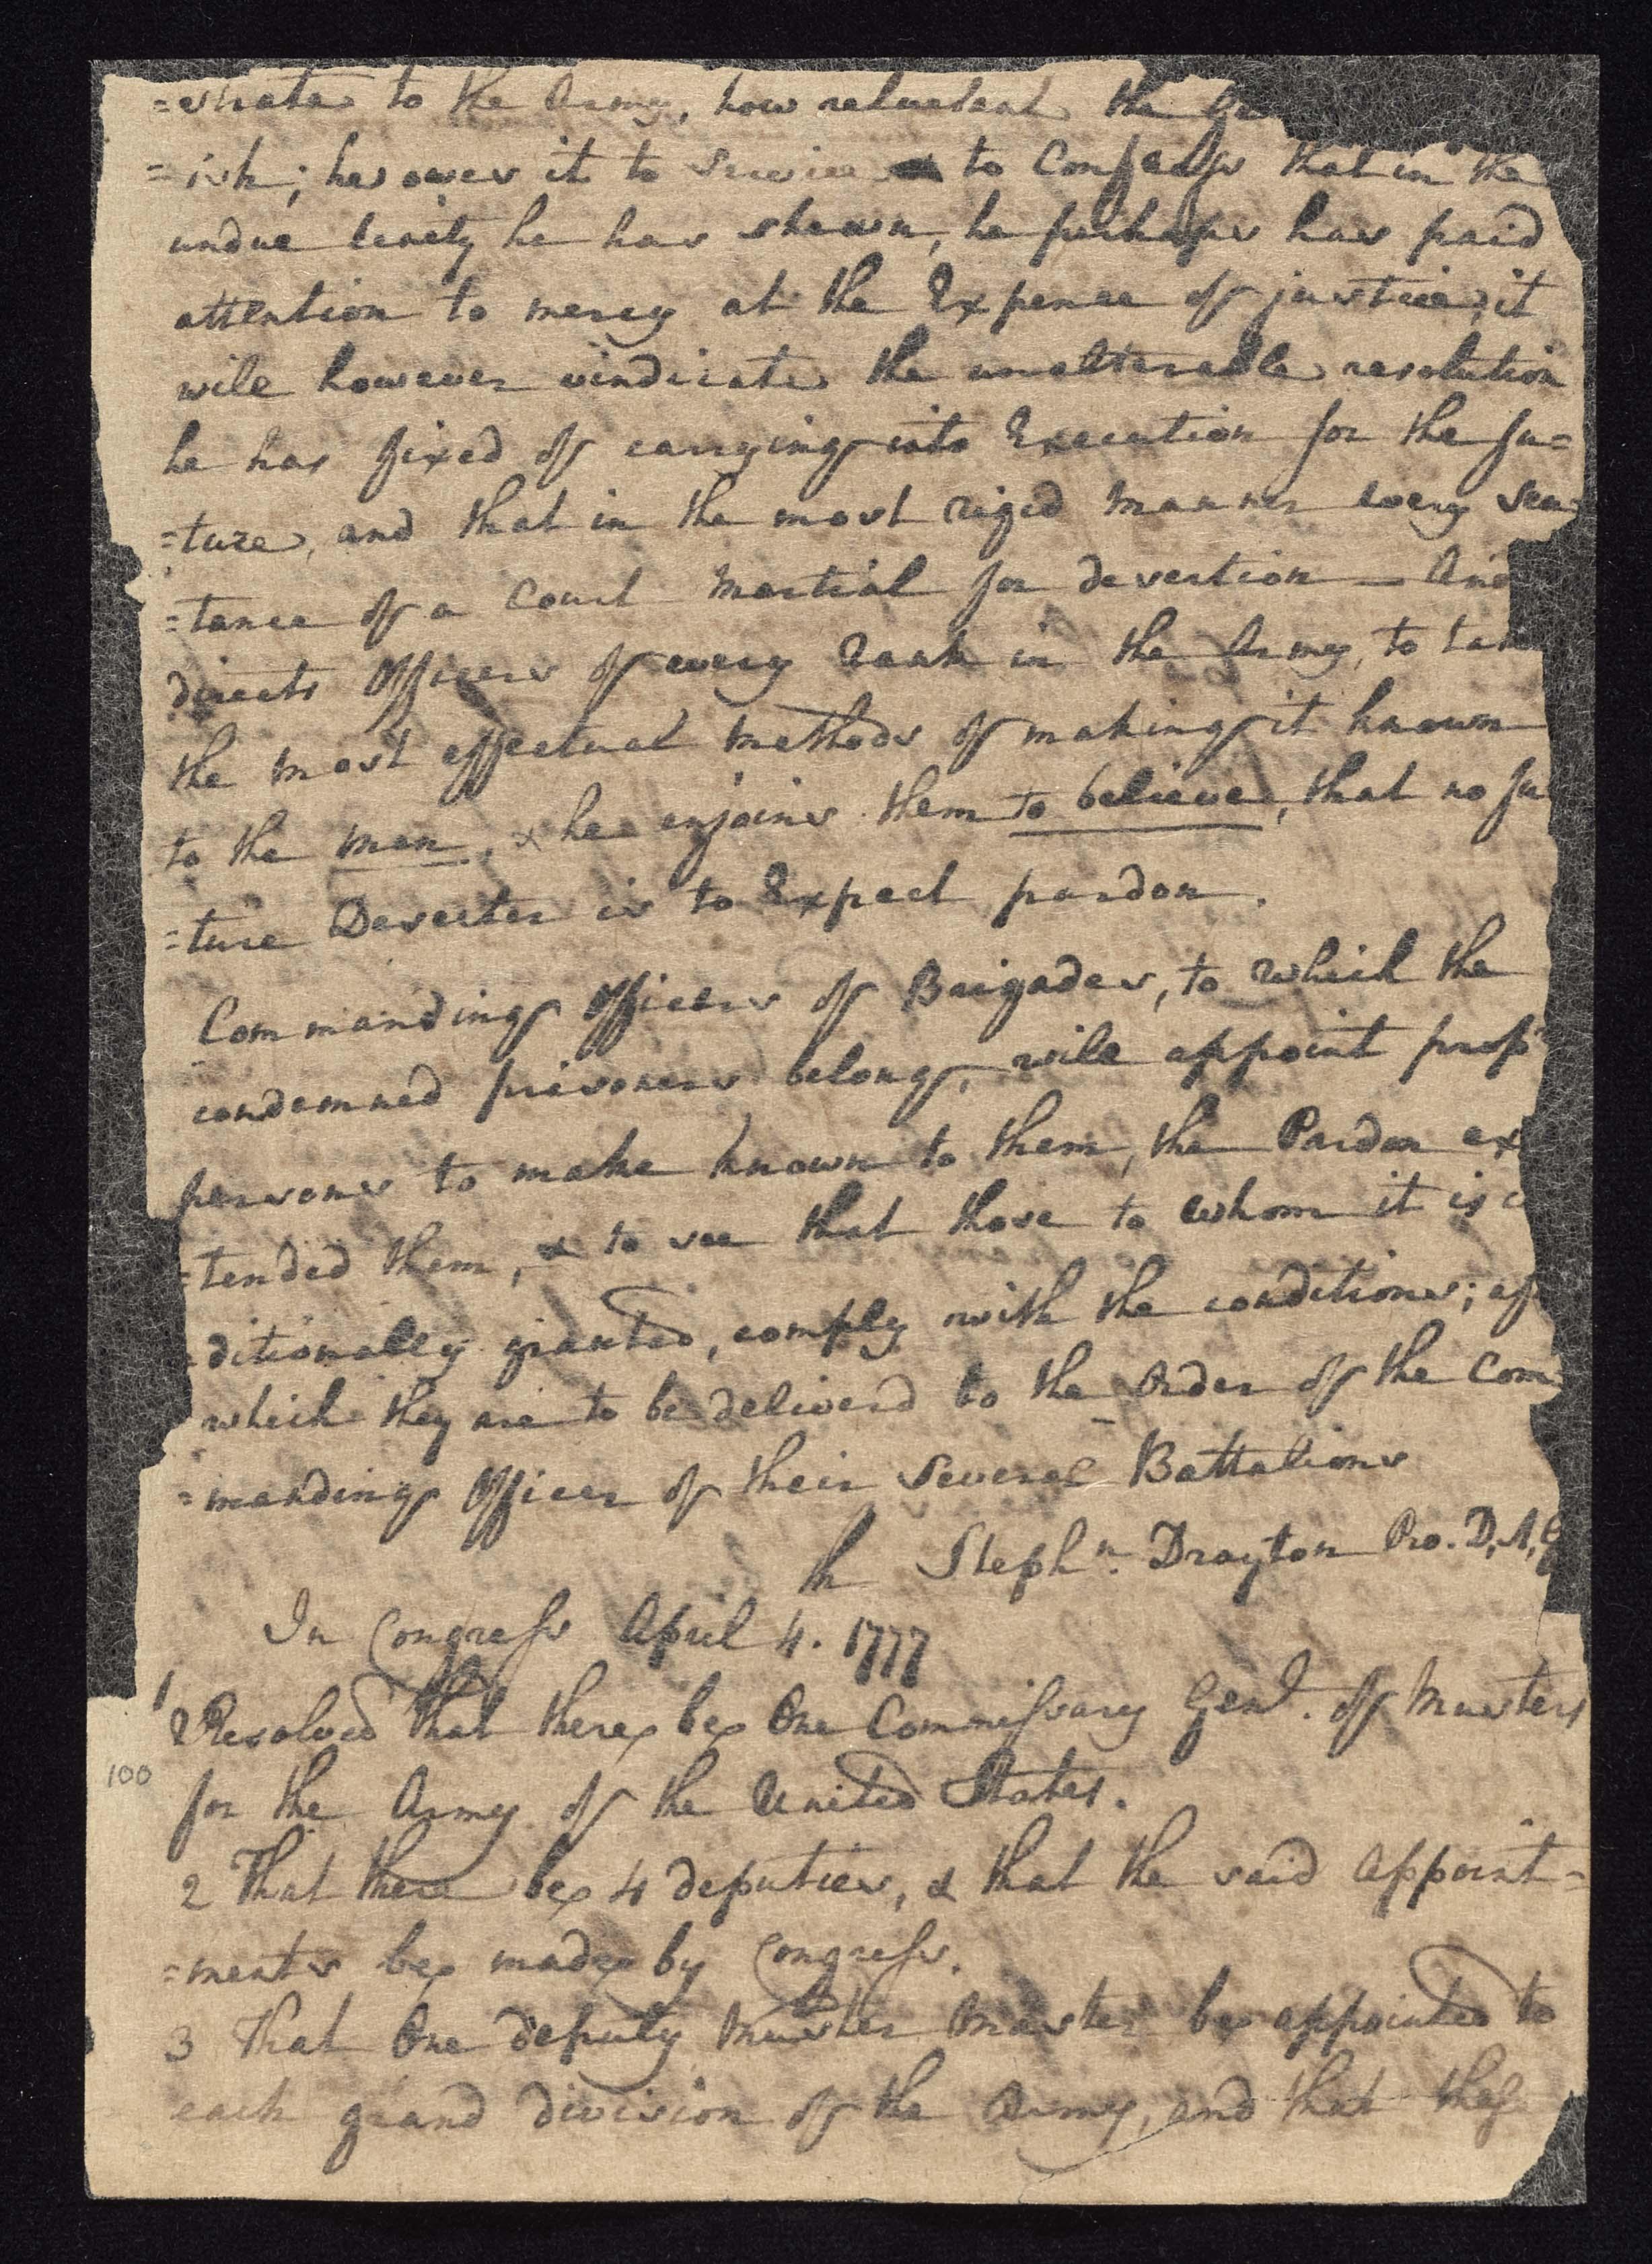 South Carolina Regiment Order Book, Page 199